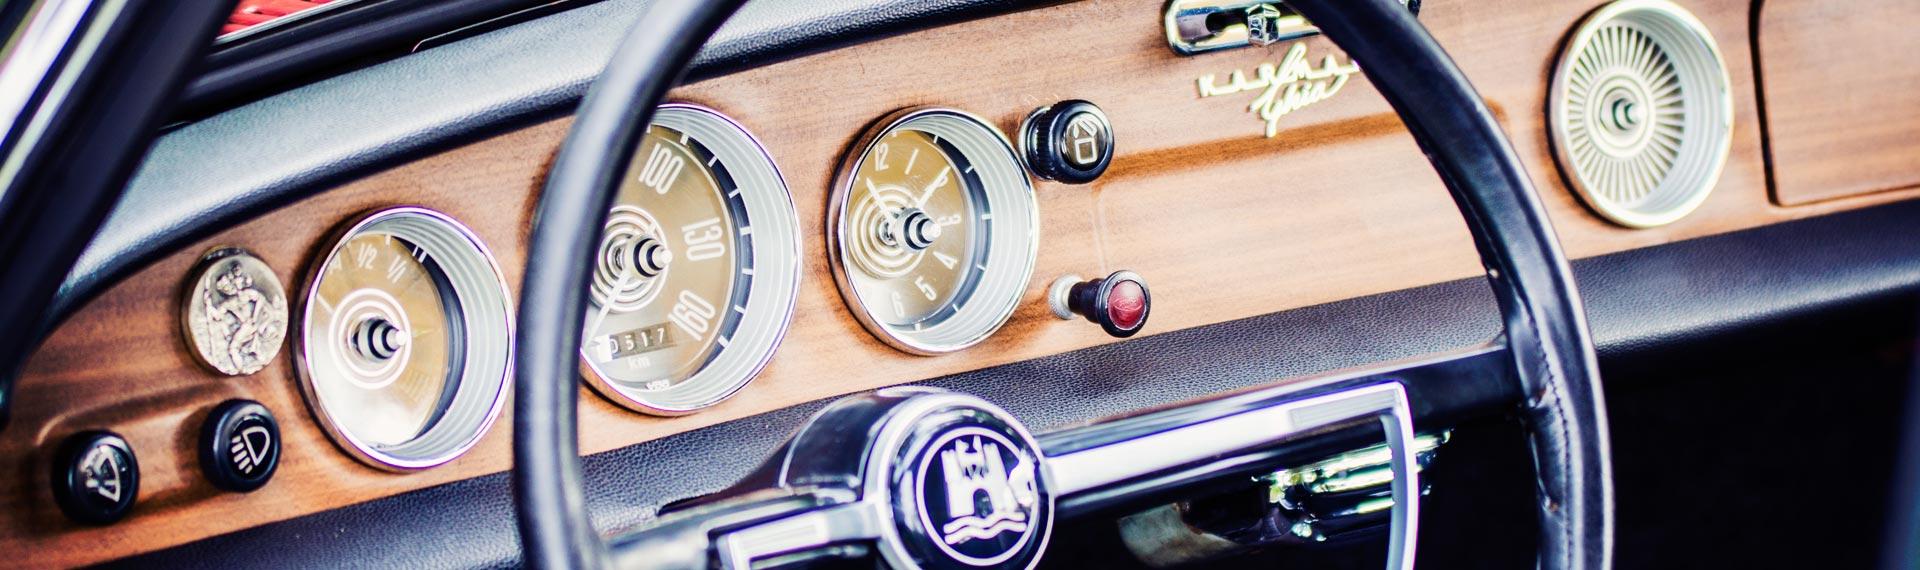 auto-closeup-1